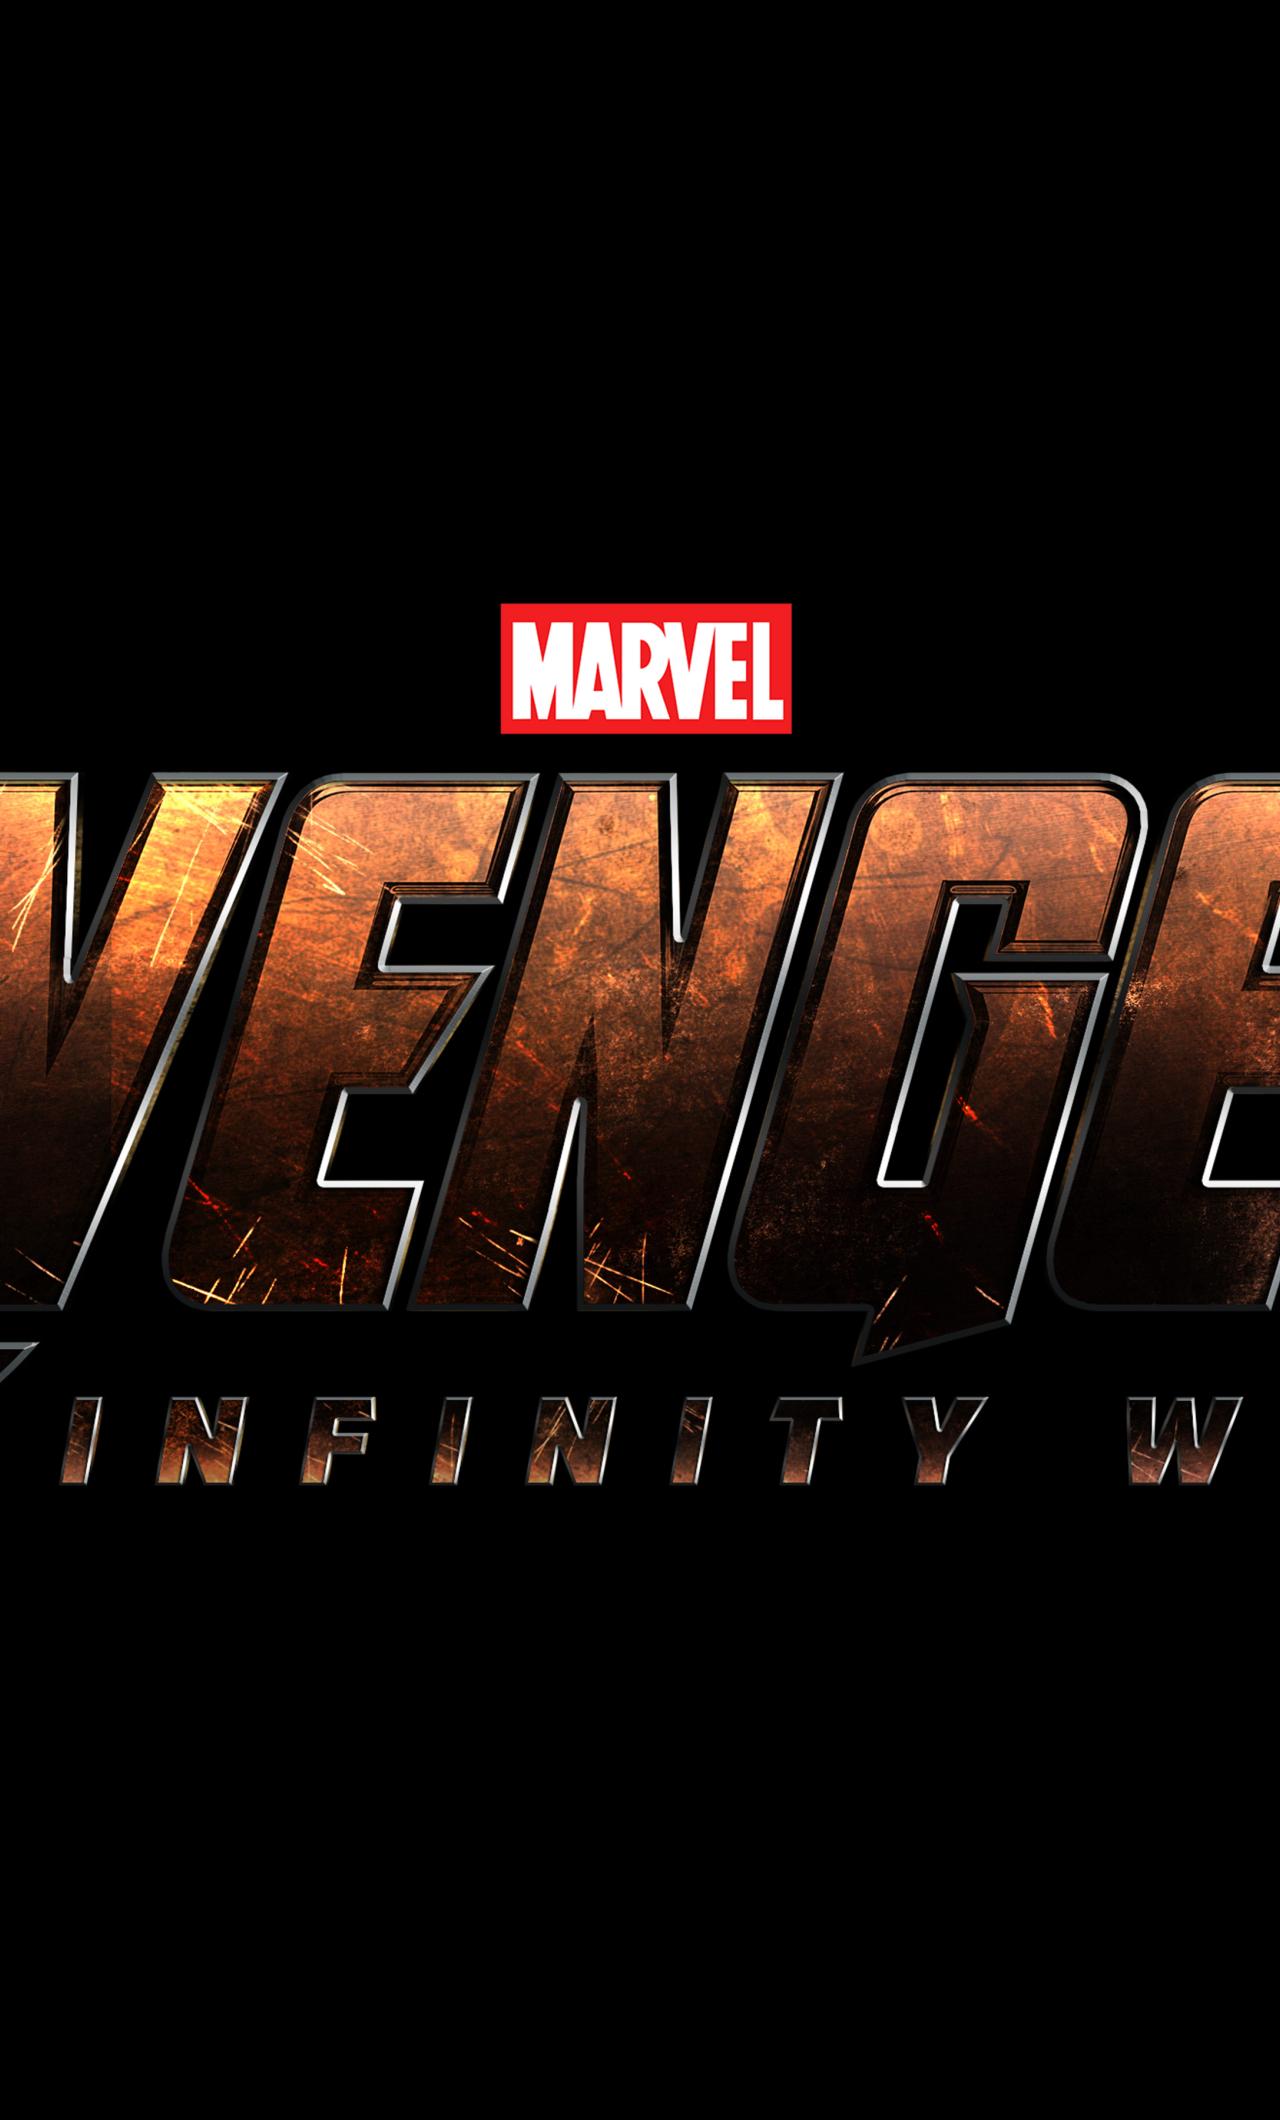 Avengers infinty war logo hd 4k wallpaper - Avengers a logo 4k ...